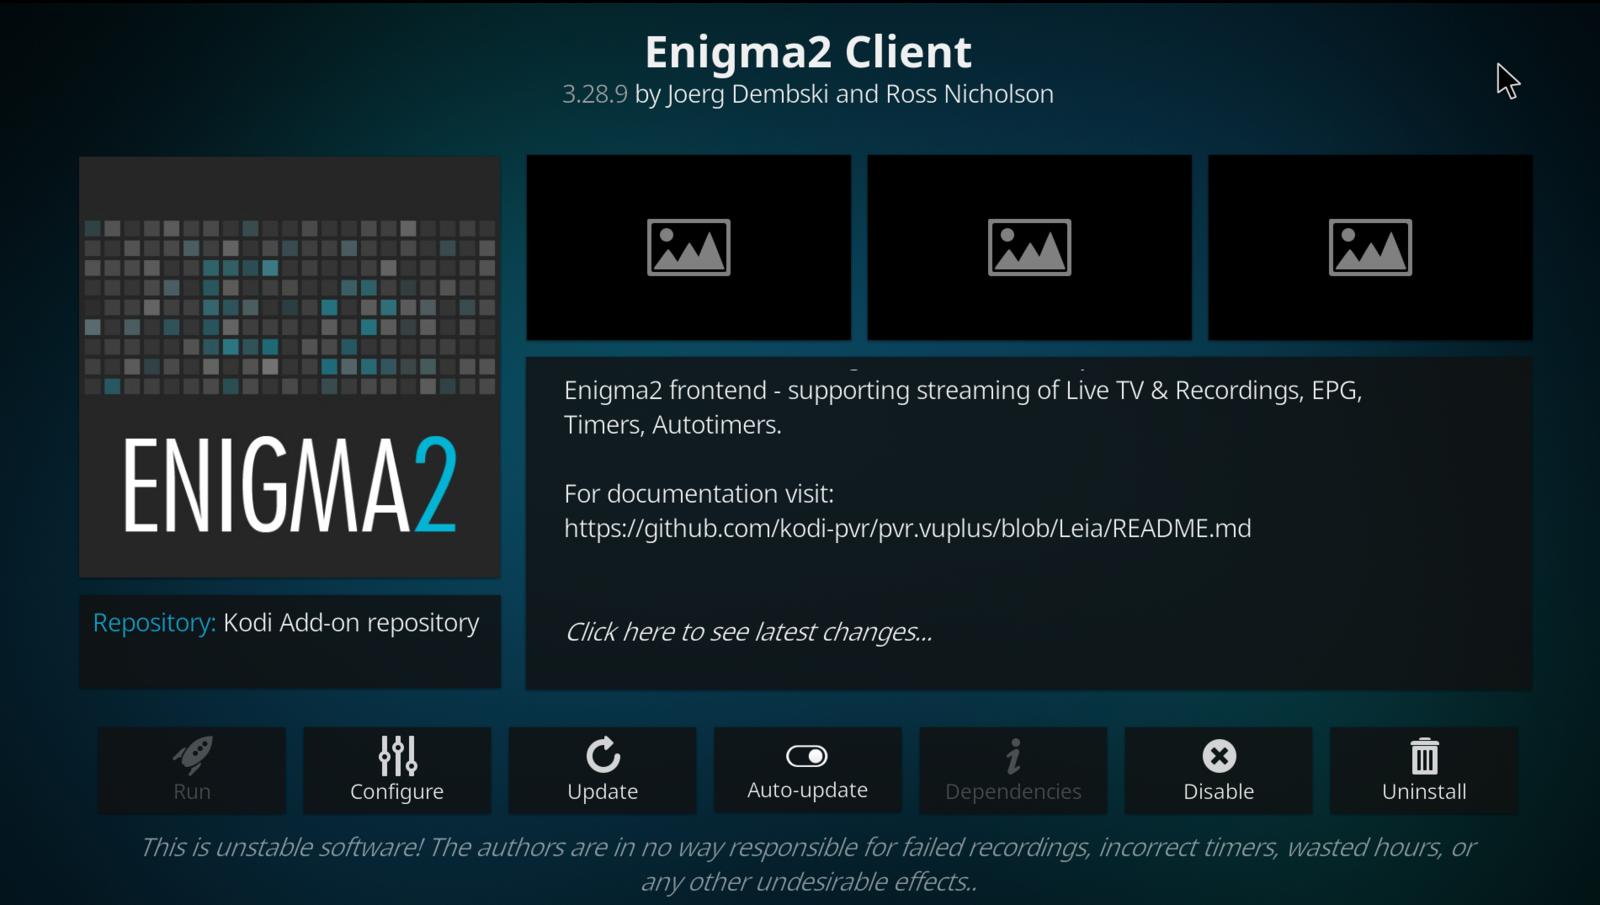 enigma2client.png